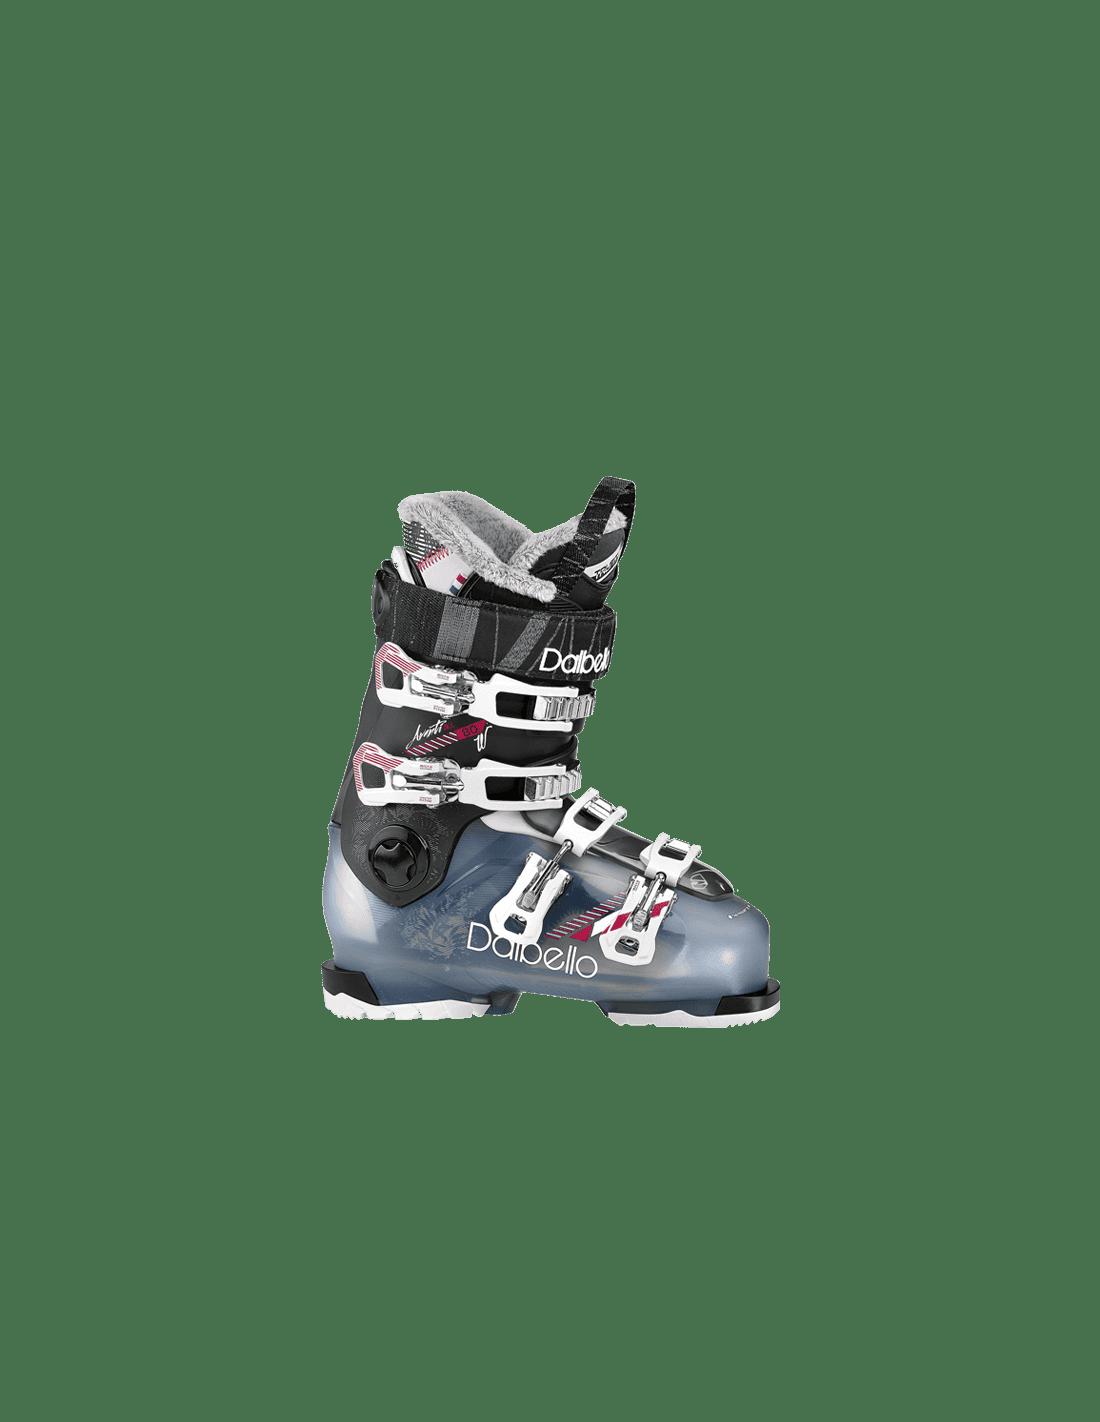 Buty narciarskie Avanti AX W80   GOLD SPORT